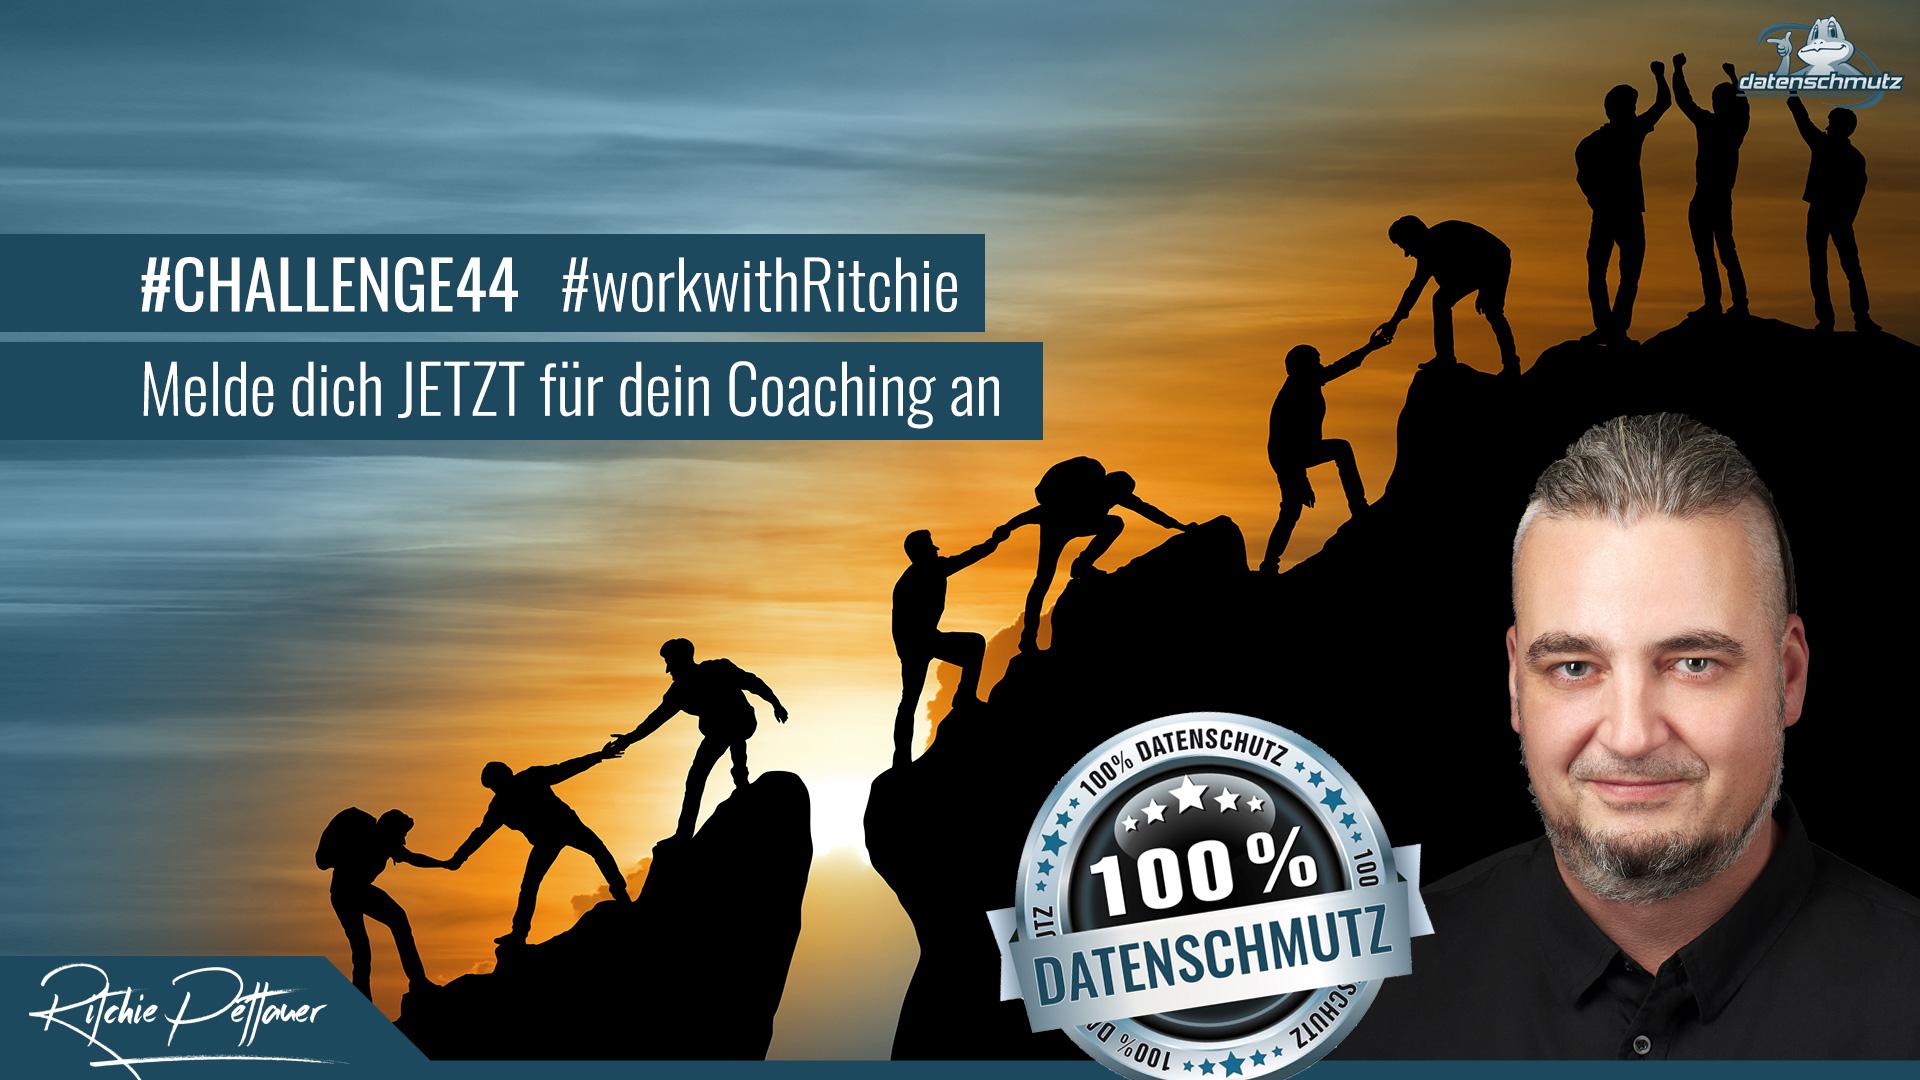 LinkedIn Coaching für 1 Monat: Die #challenge44